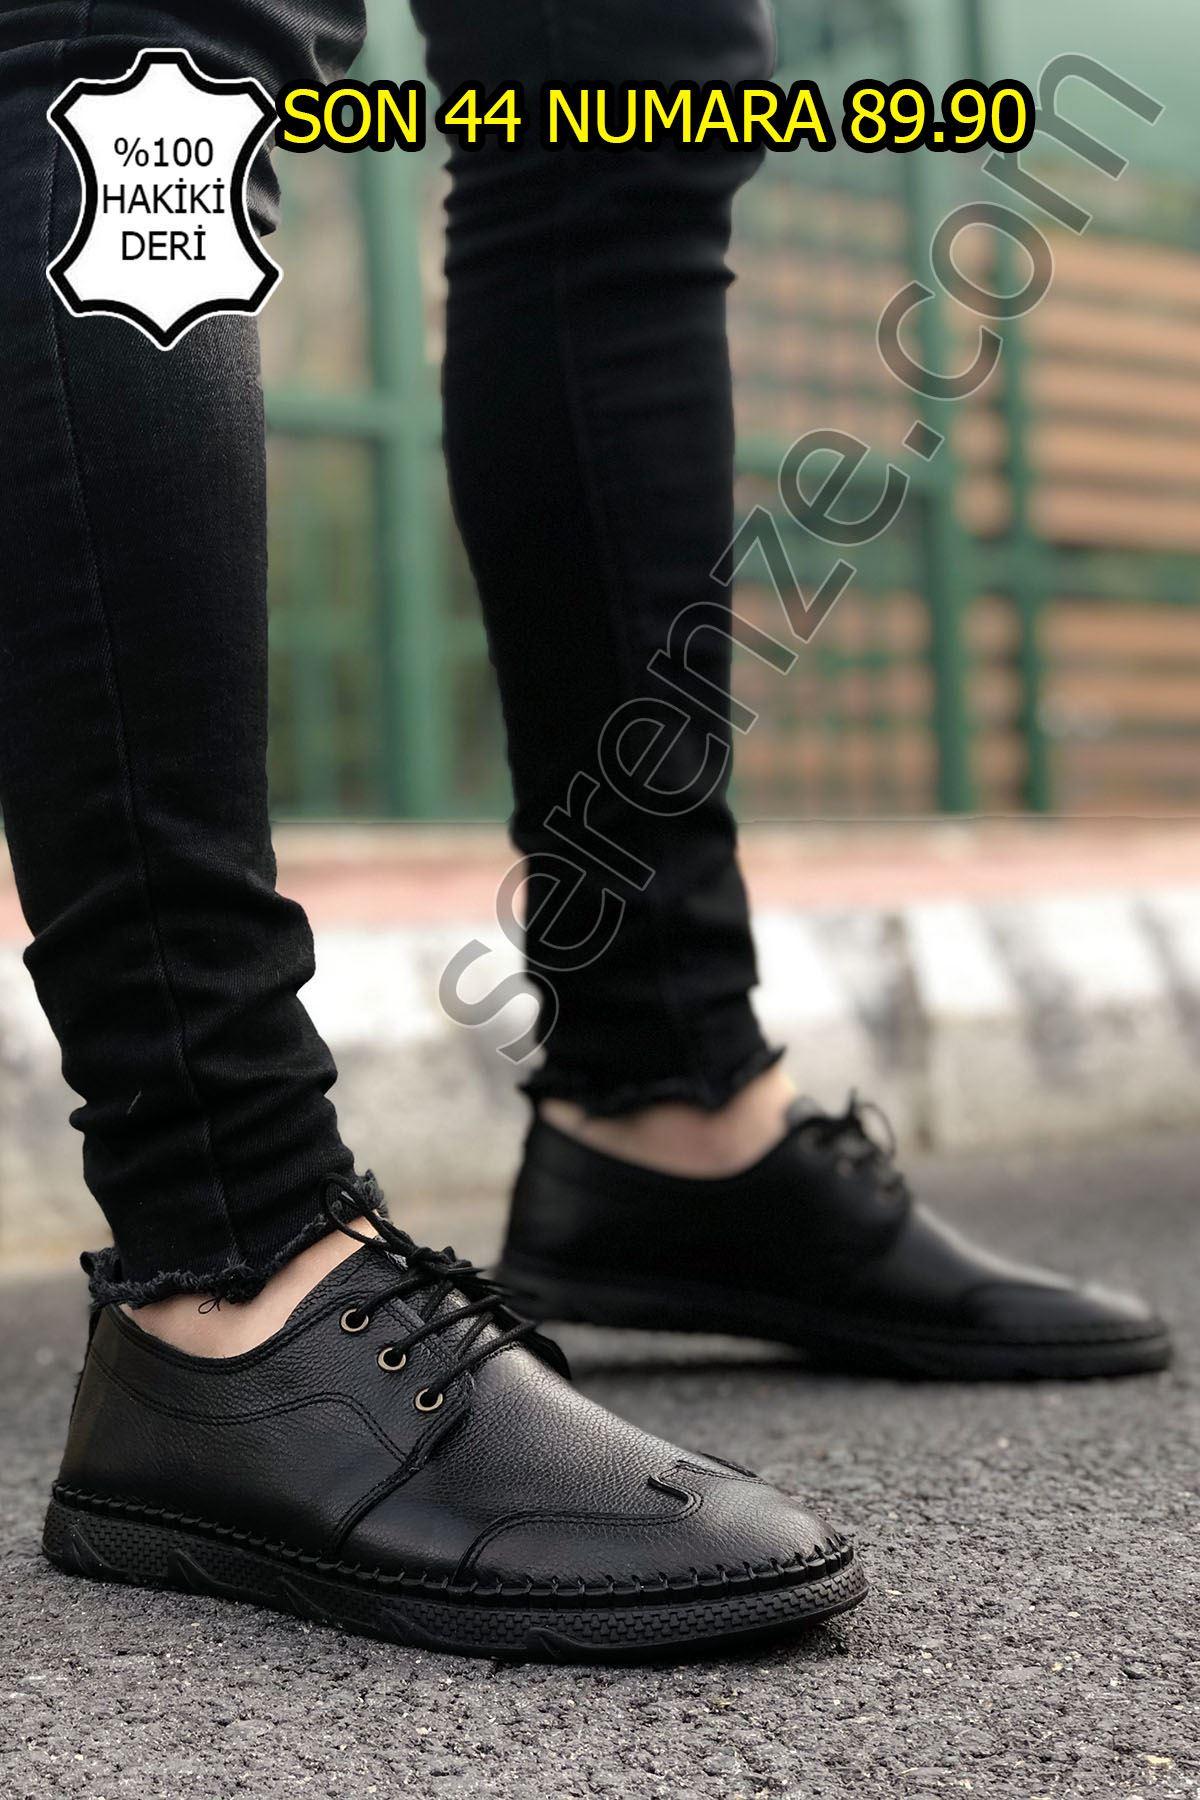 Siyah Hakiki Deri Bağcıklı Erkek Çarık Model Klasik Ayakkabı